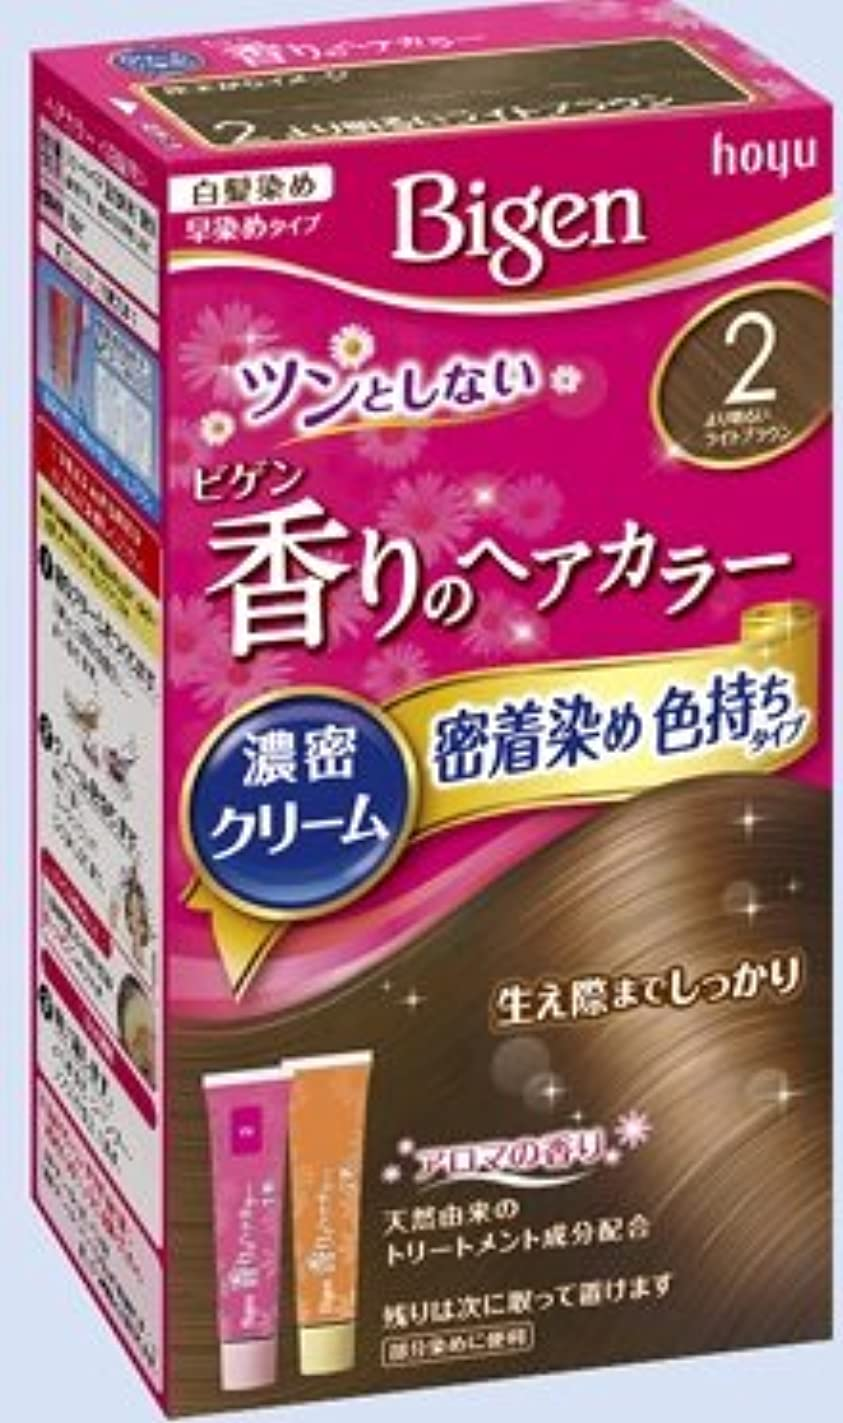 ホーム次へアンカービゲン 香りのヘアカラー クリーム 2 より明るいライトブラウン × 27個セット